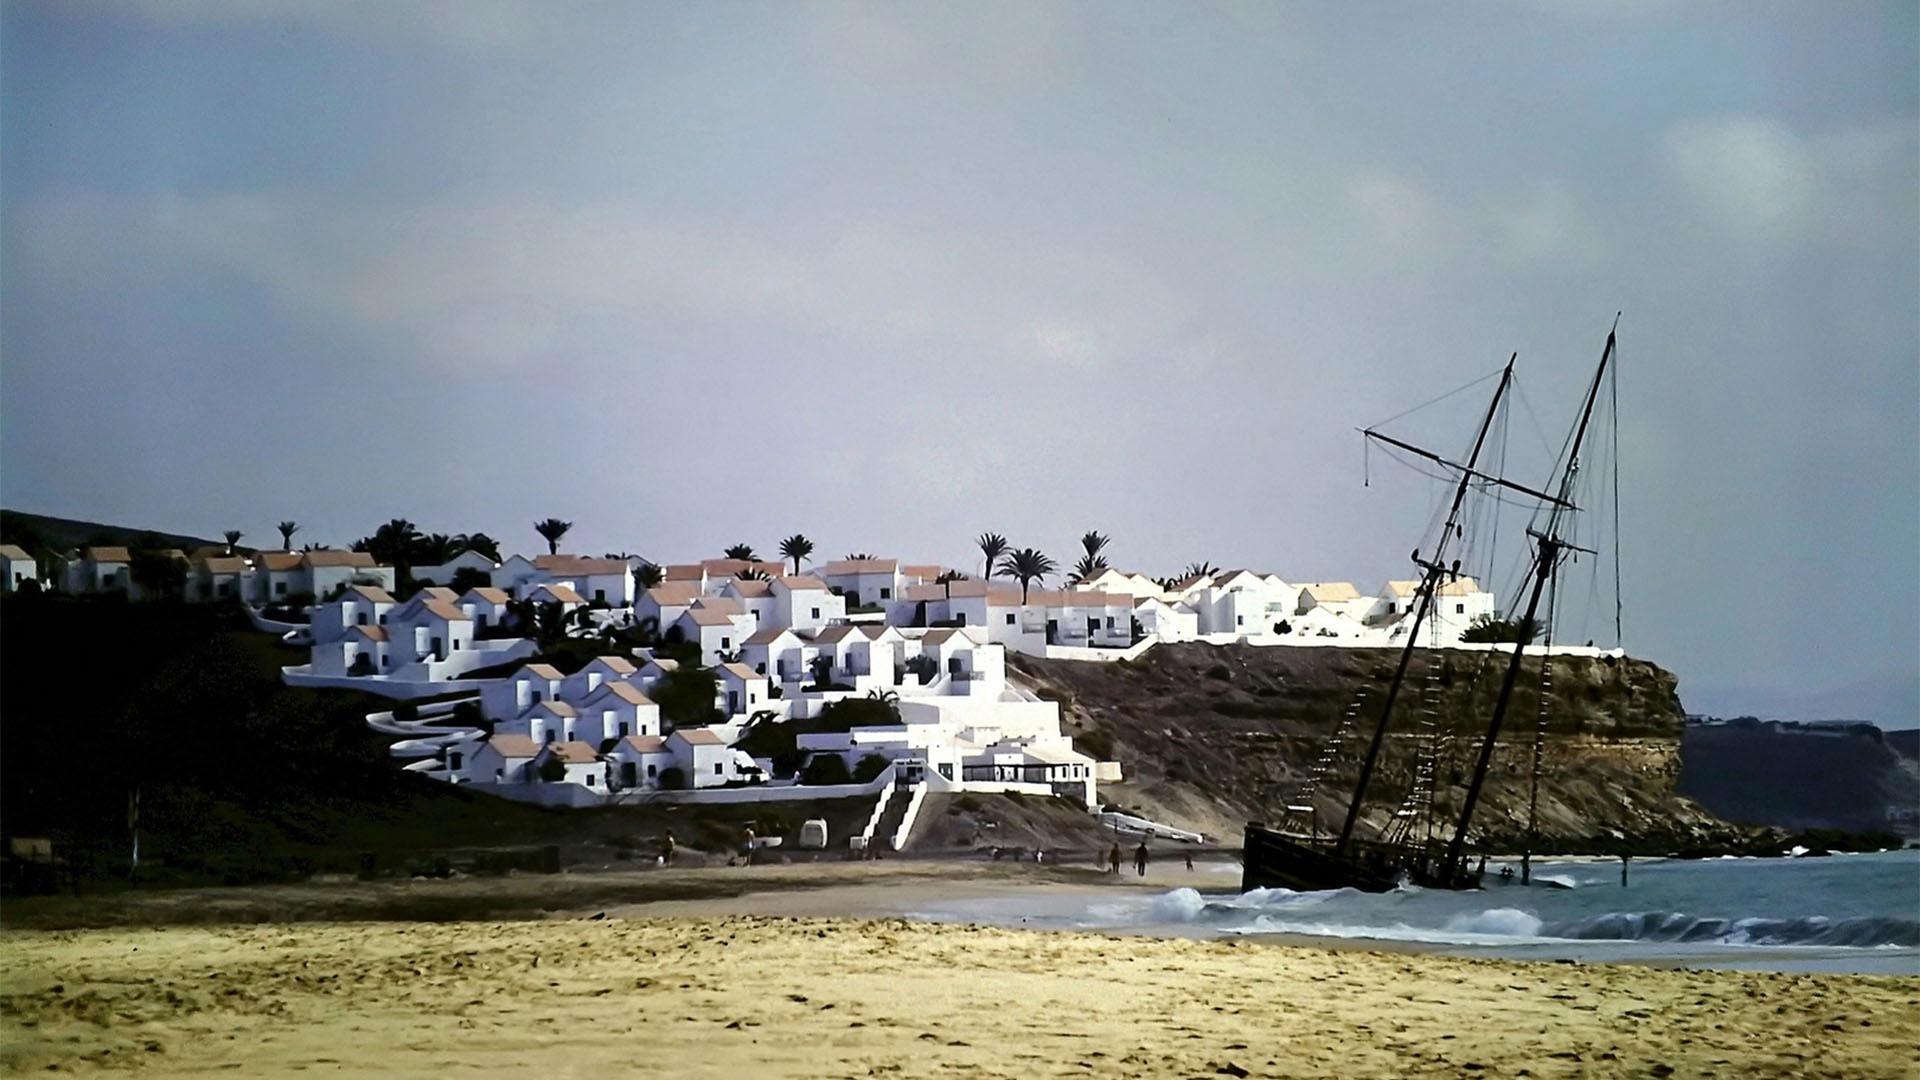 """Das Schiffswrack """"Rose of Sharon"""" am Playa del Matorral Fuerteventura in den 1980igern."""